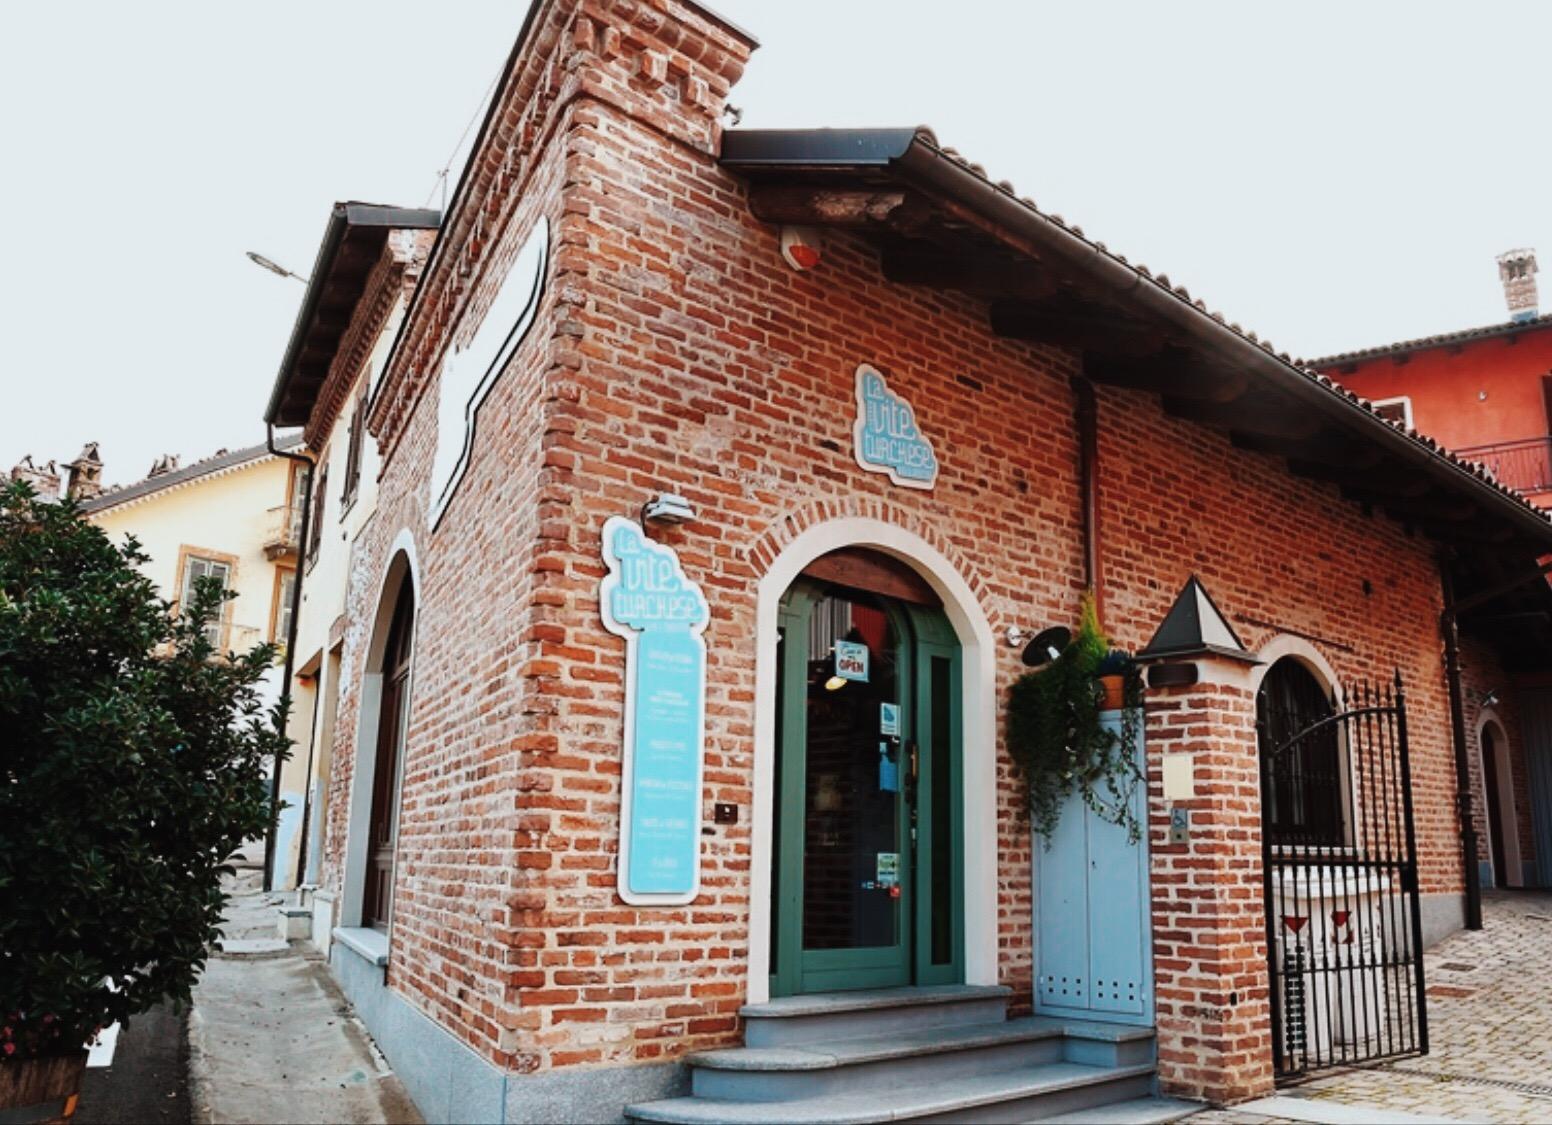 La Vite Turchése, Barolo, Italy